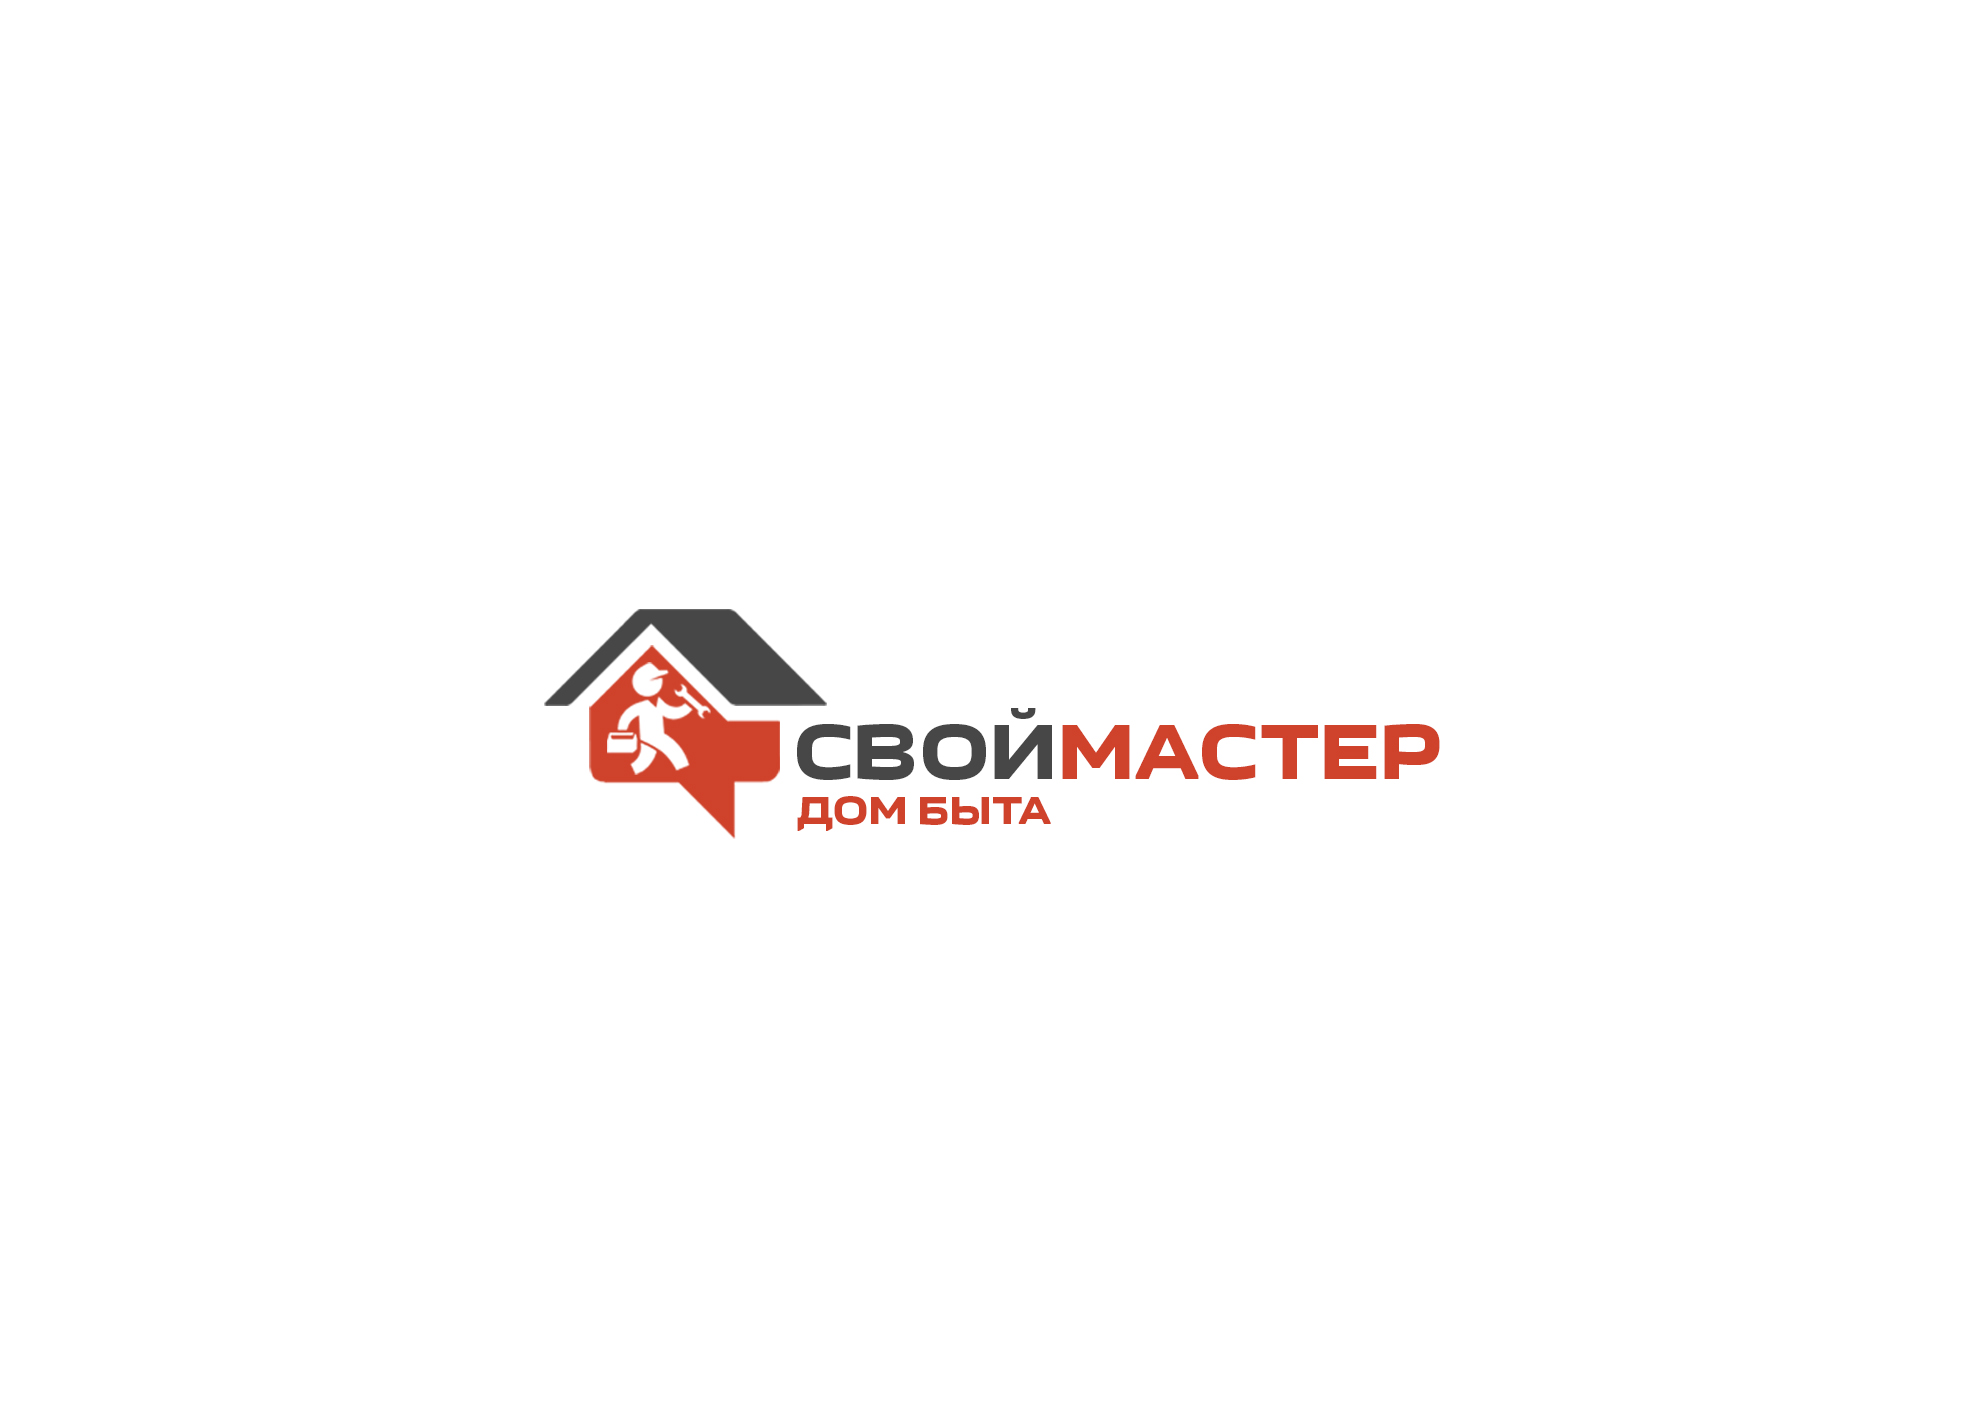 Логотип для сетевого ДОМ БЫТА фото f_3225d744ceb72ef8.jpg